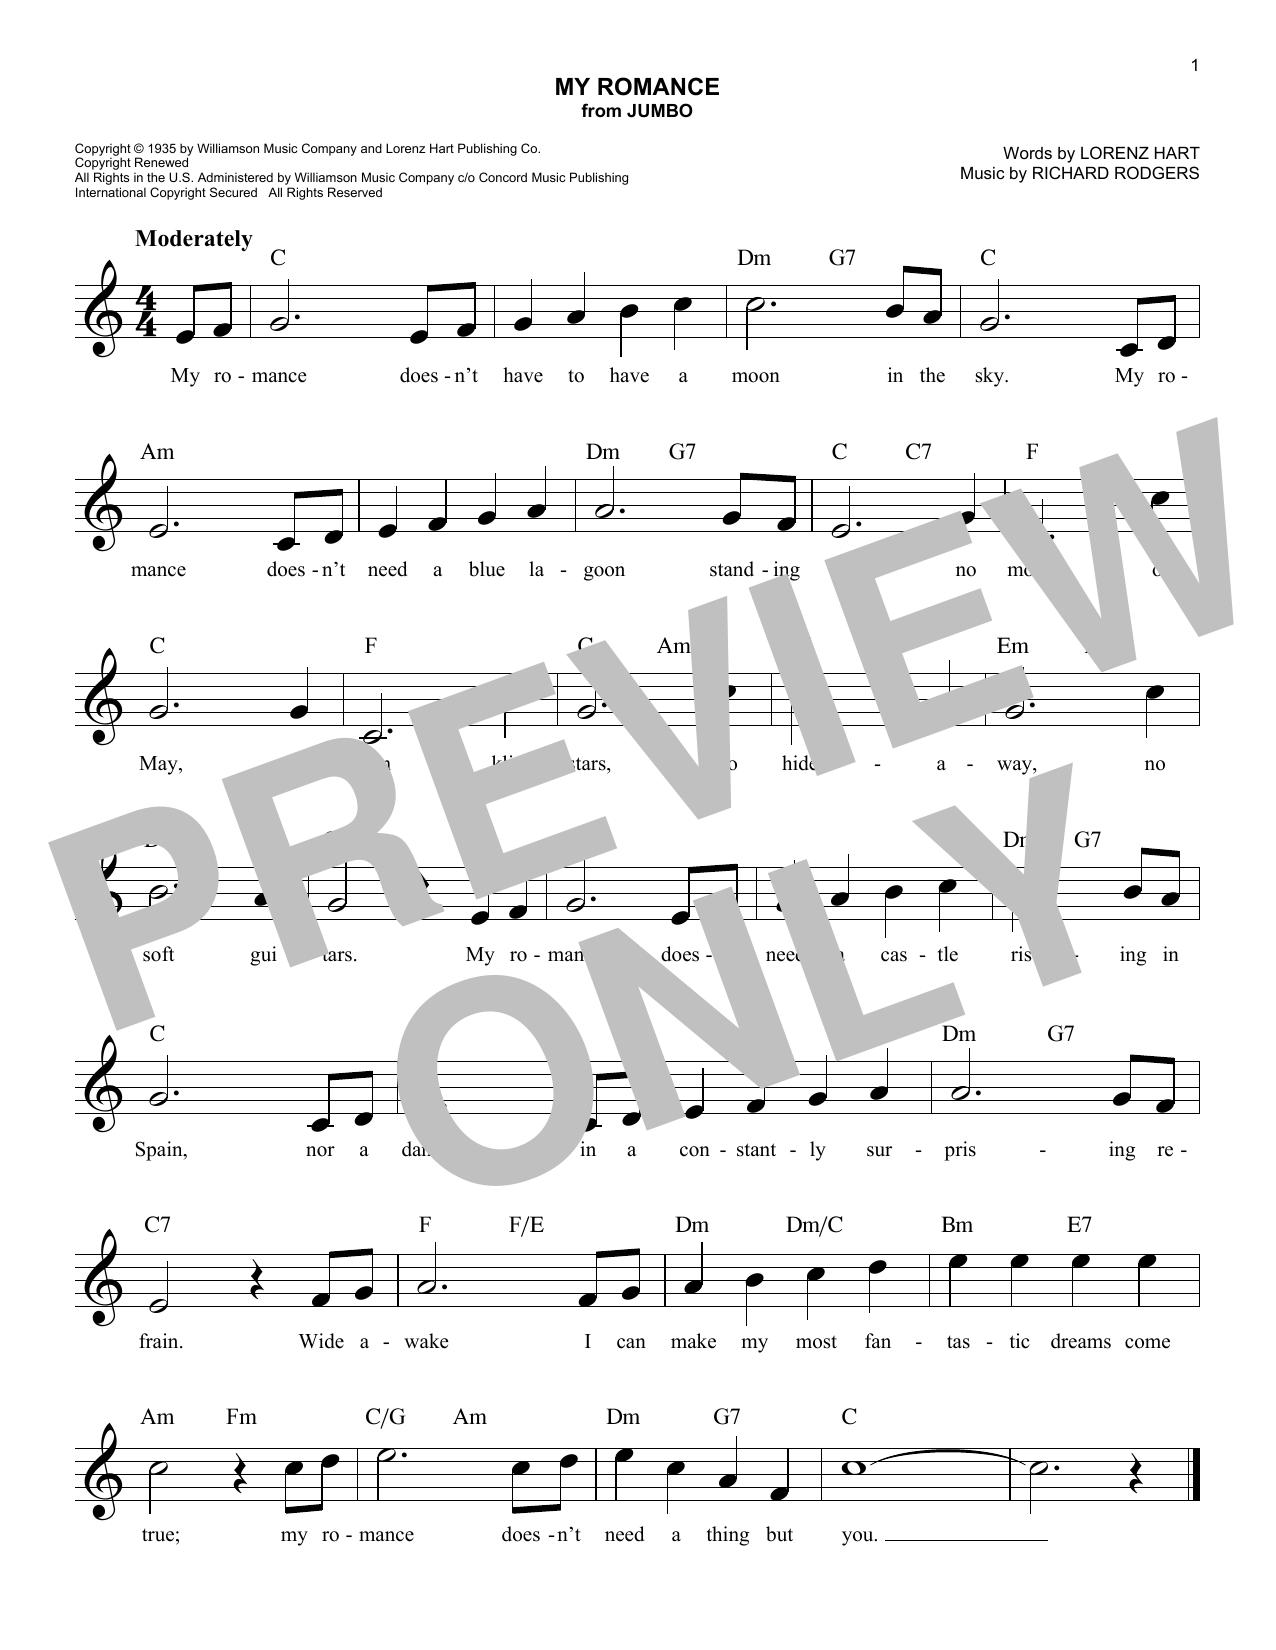 My Romance (from Jumbo) Sheet Music